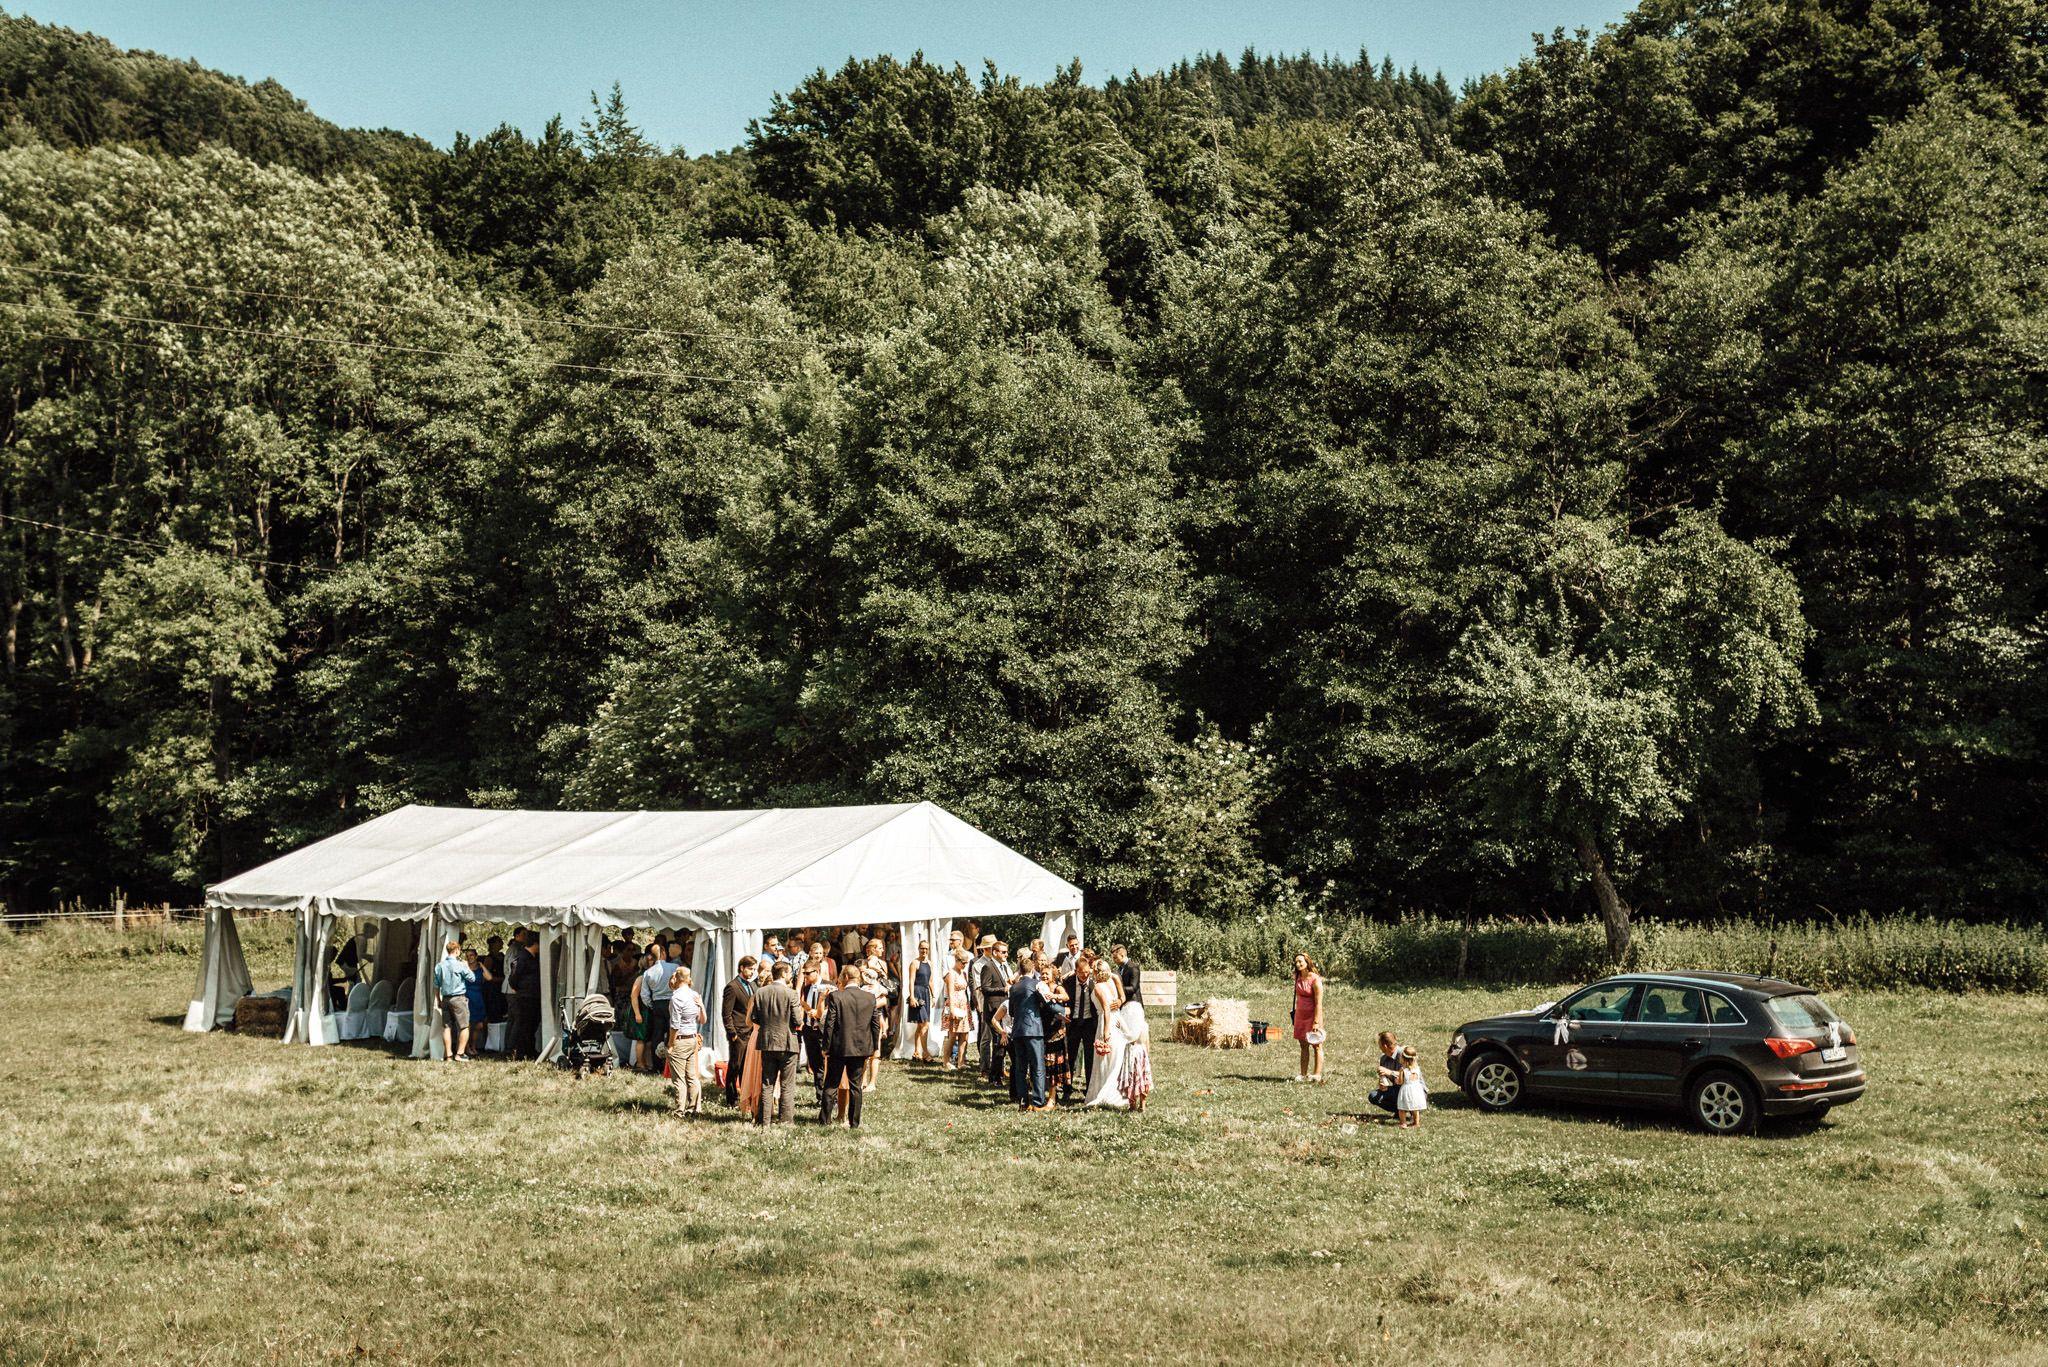 Die Hochzeit Outdoor In Einem Zelt Feiern Sommer Boho Hochzeit Im Grunen Bei Der Mestrenger Muhle In Hurtgenwald Hochzeitsfotograf Hochzeitsfotos Hochzeit